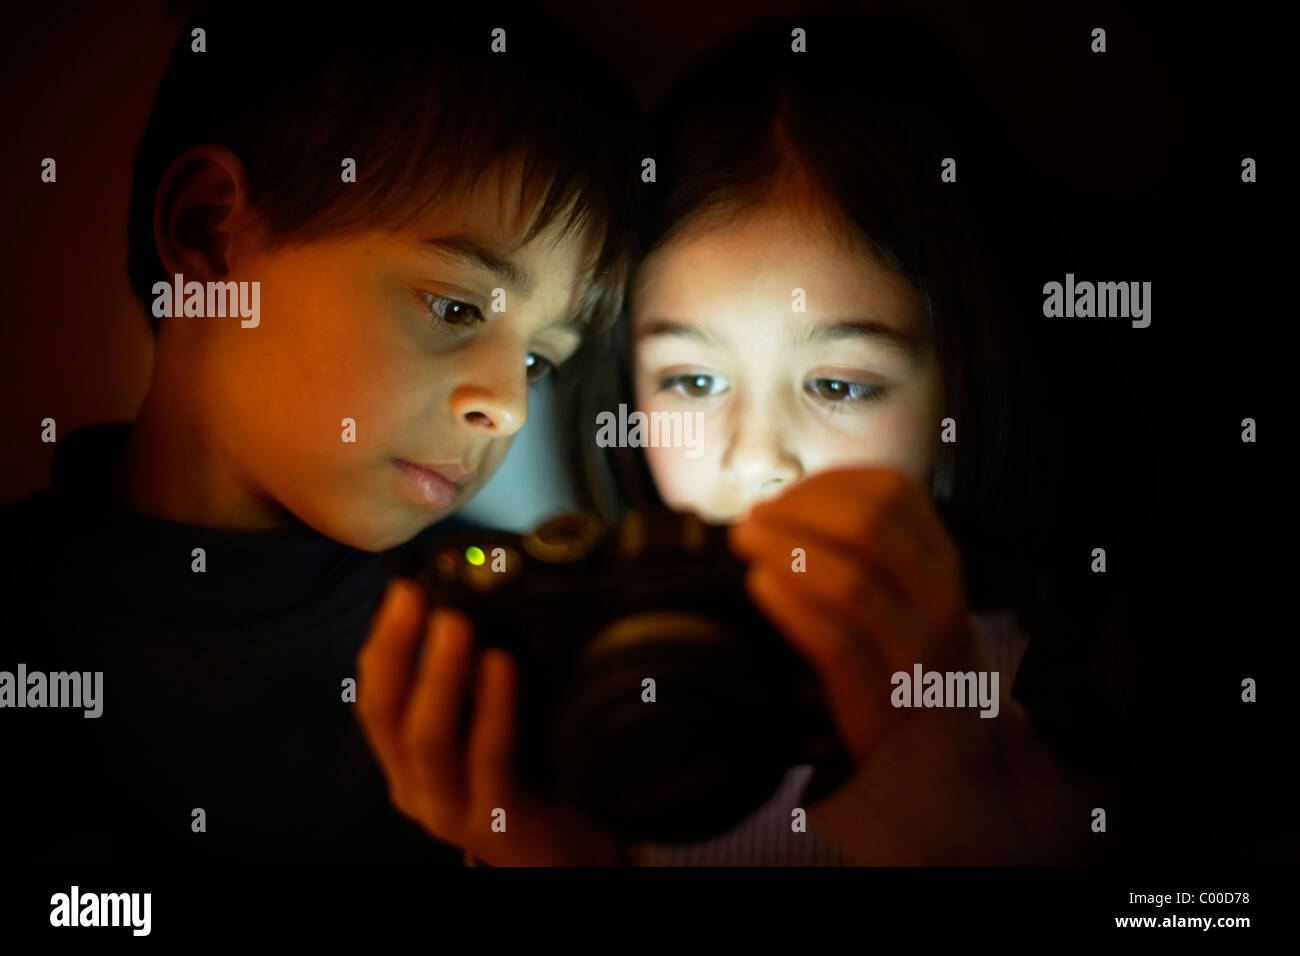 Garçon et fille regarde l'écran de l'appareil photo numérique Photo Stock